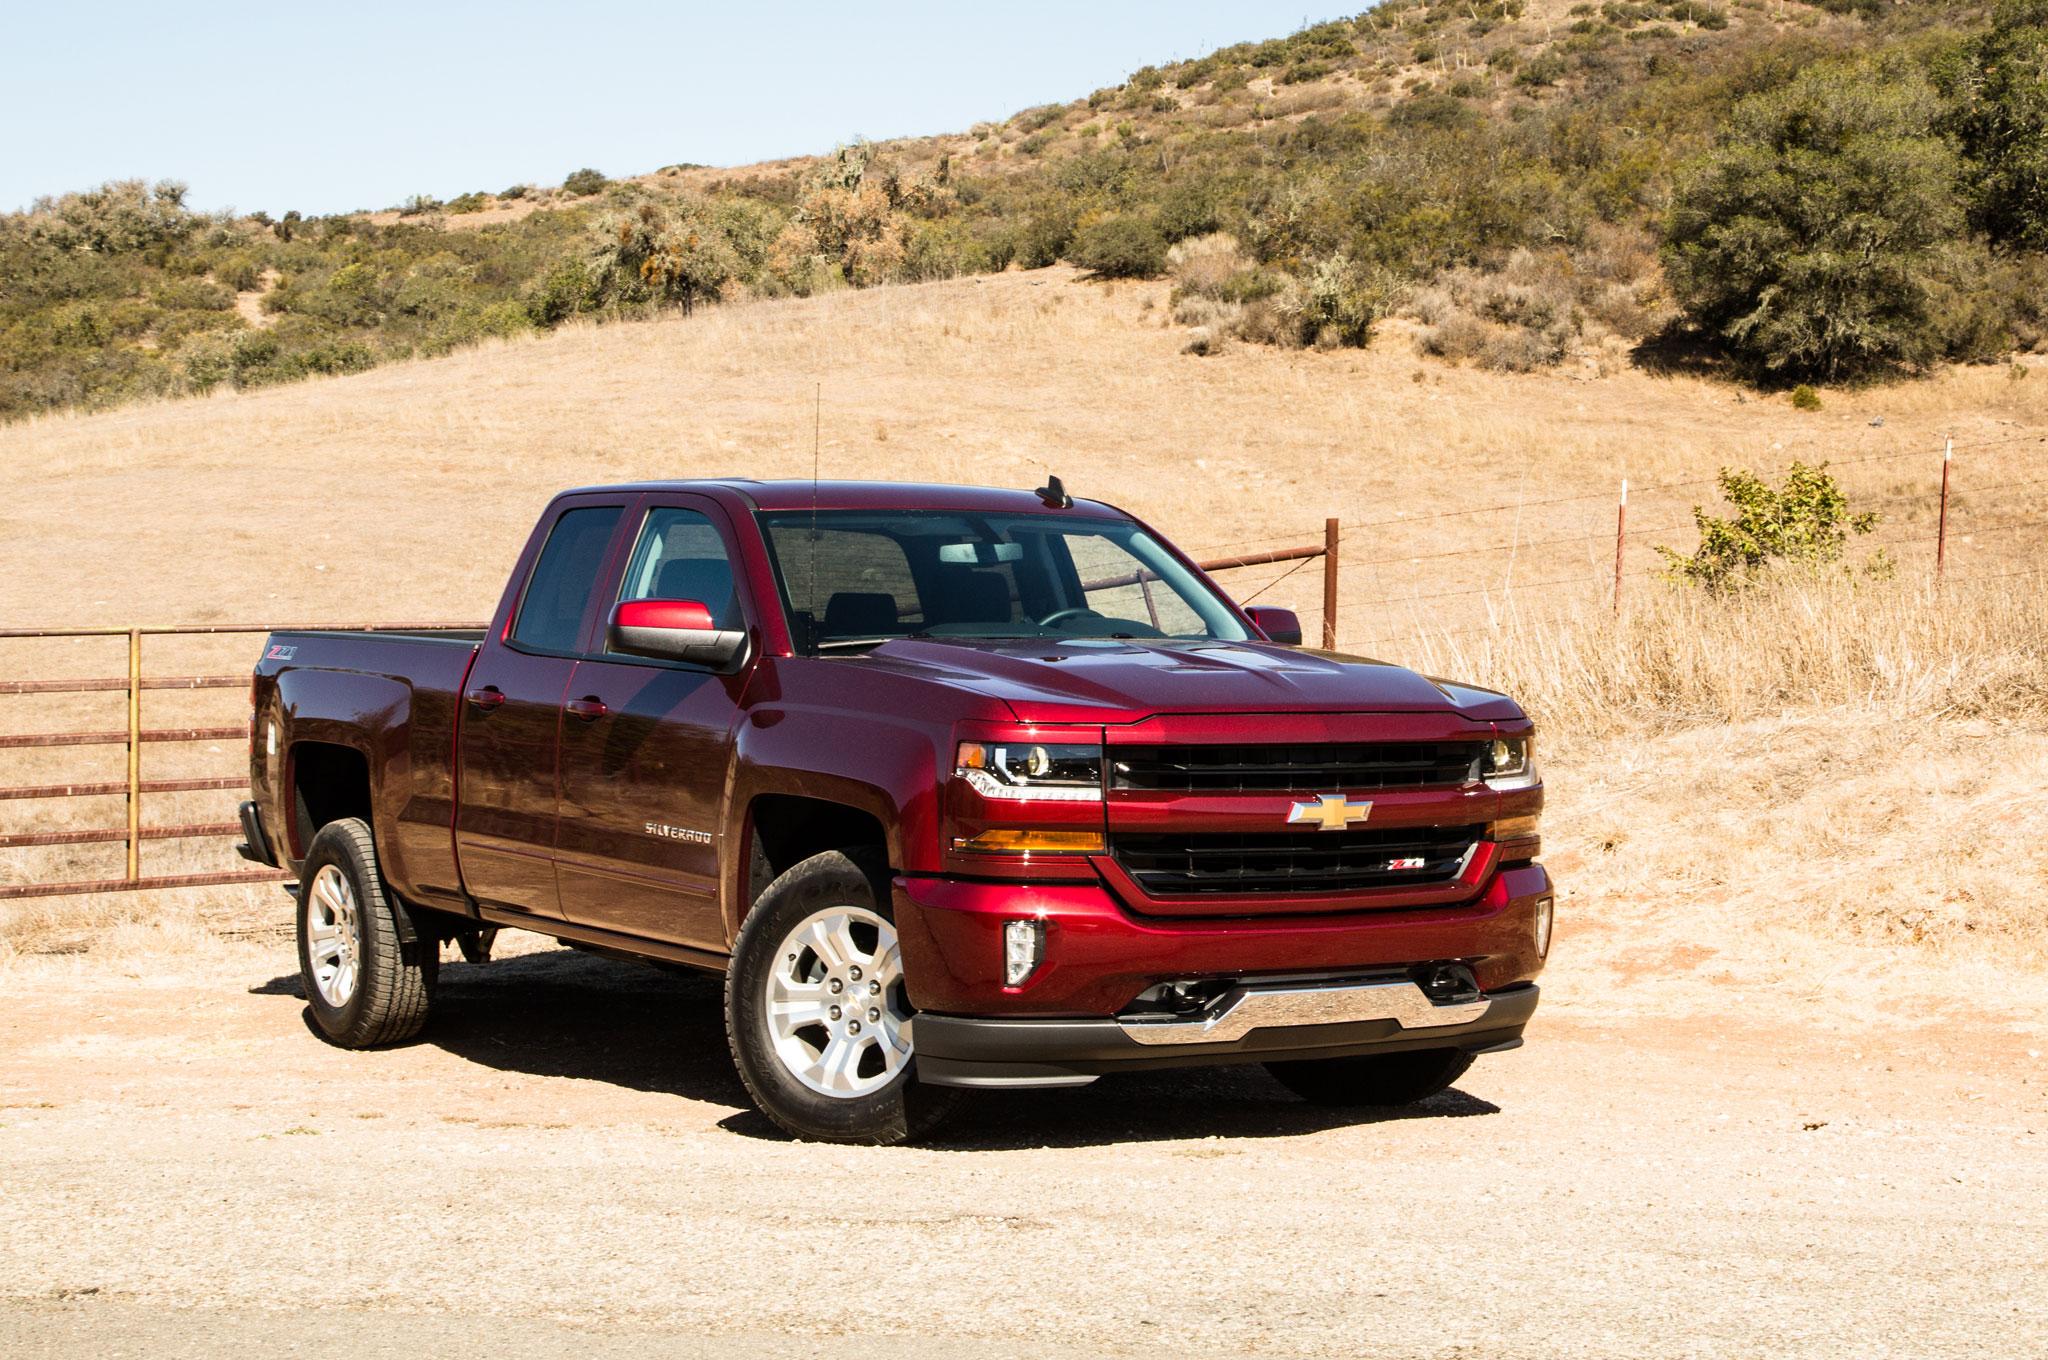 2016 Chevrolet Equinox Ltz >> Top 5 Features of the 2016 Chevrolet Silverado